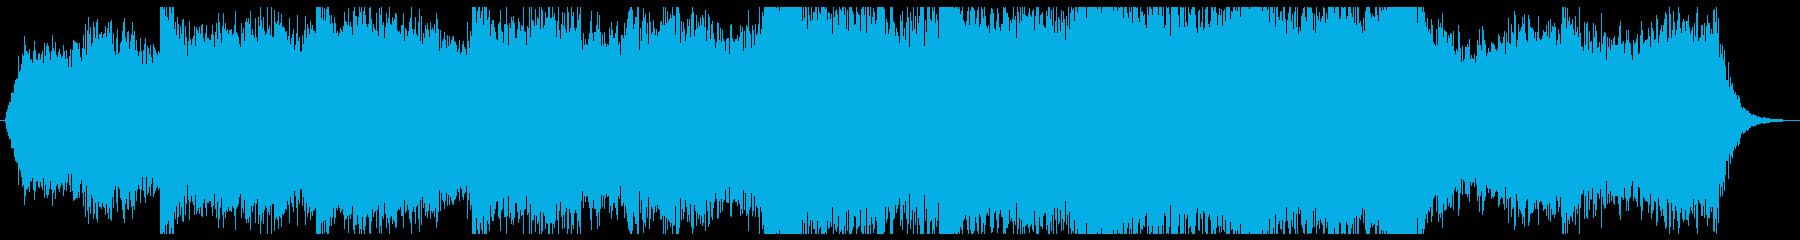 ダークな雰囲気のエピック系トレイラー音楽の再生済みの波形